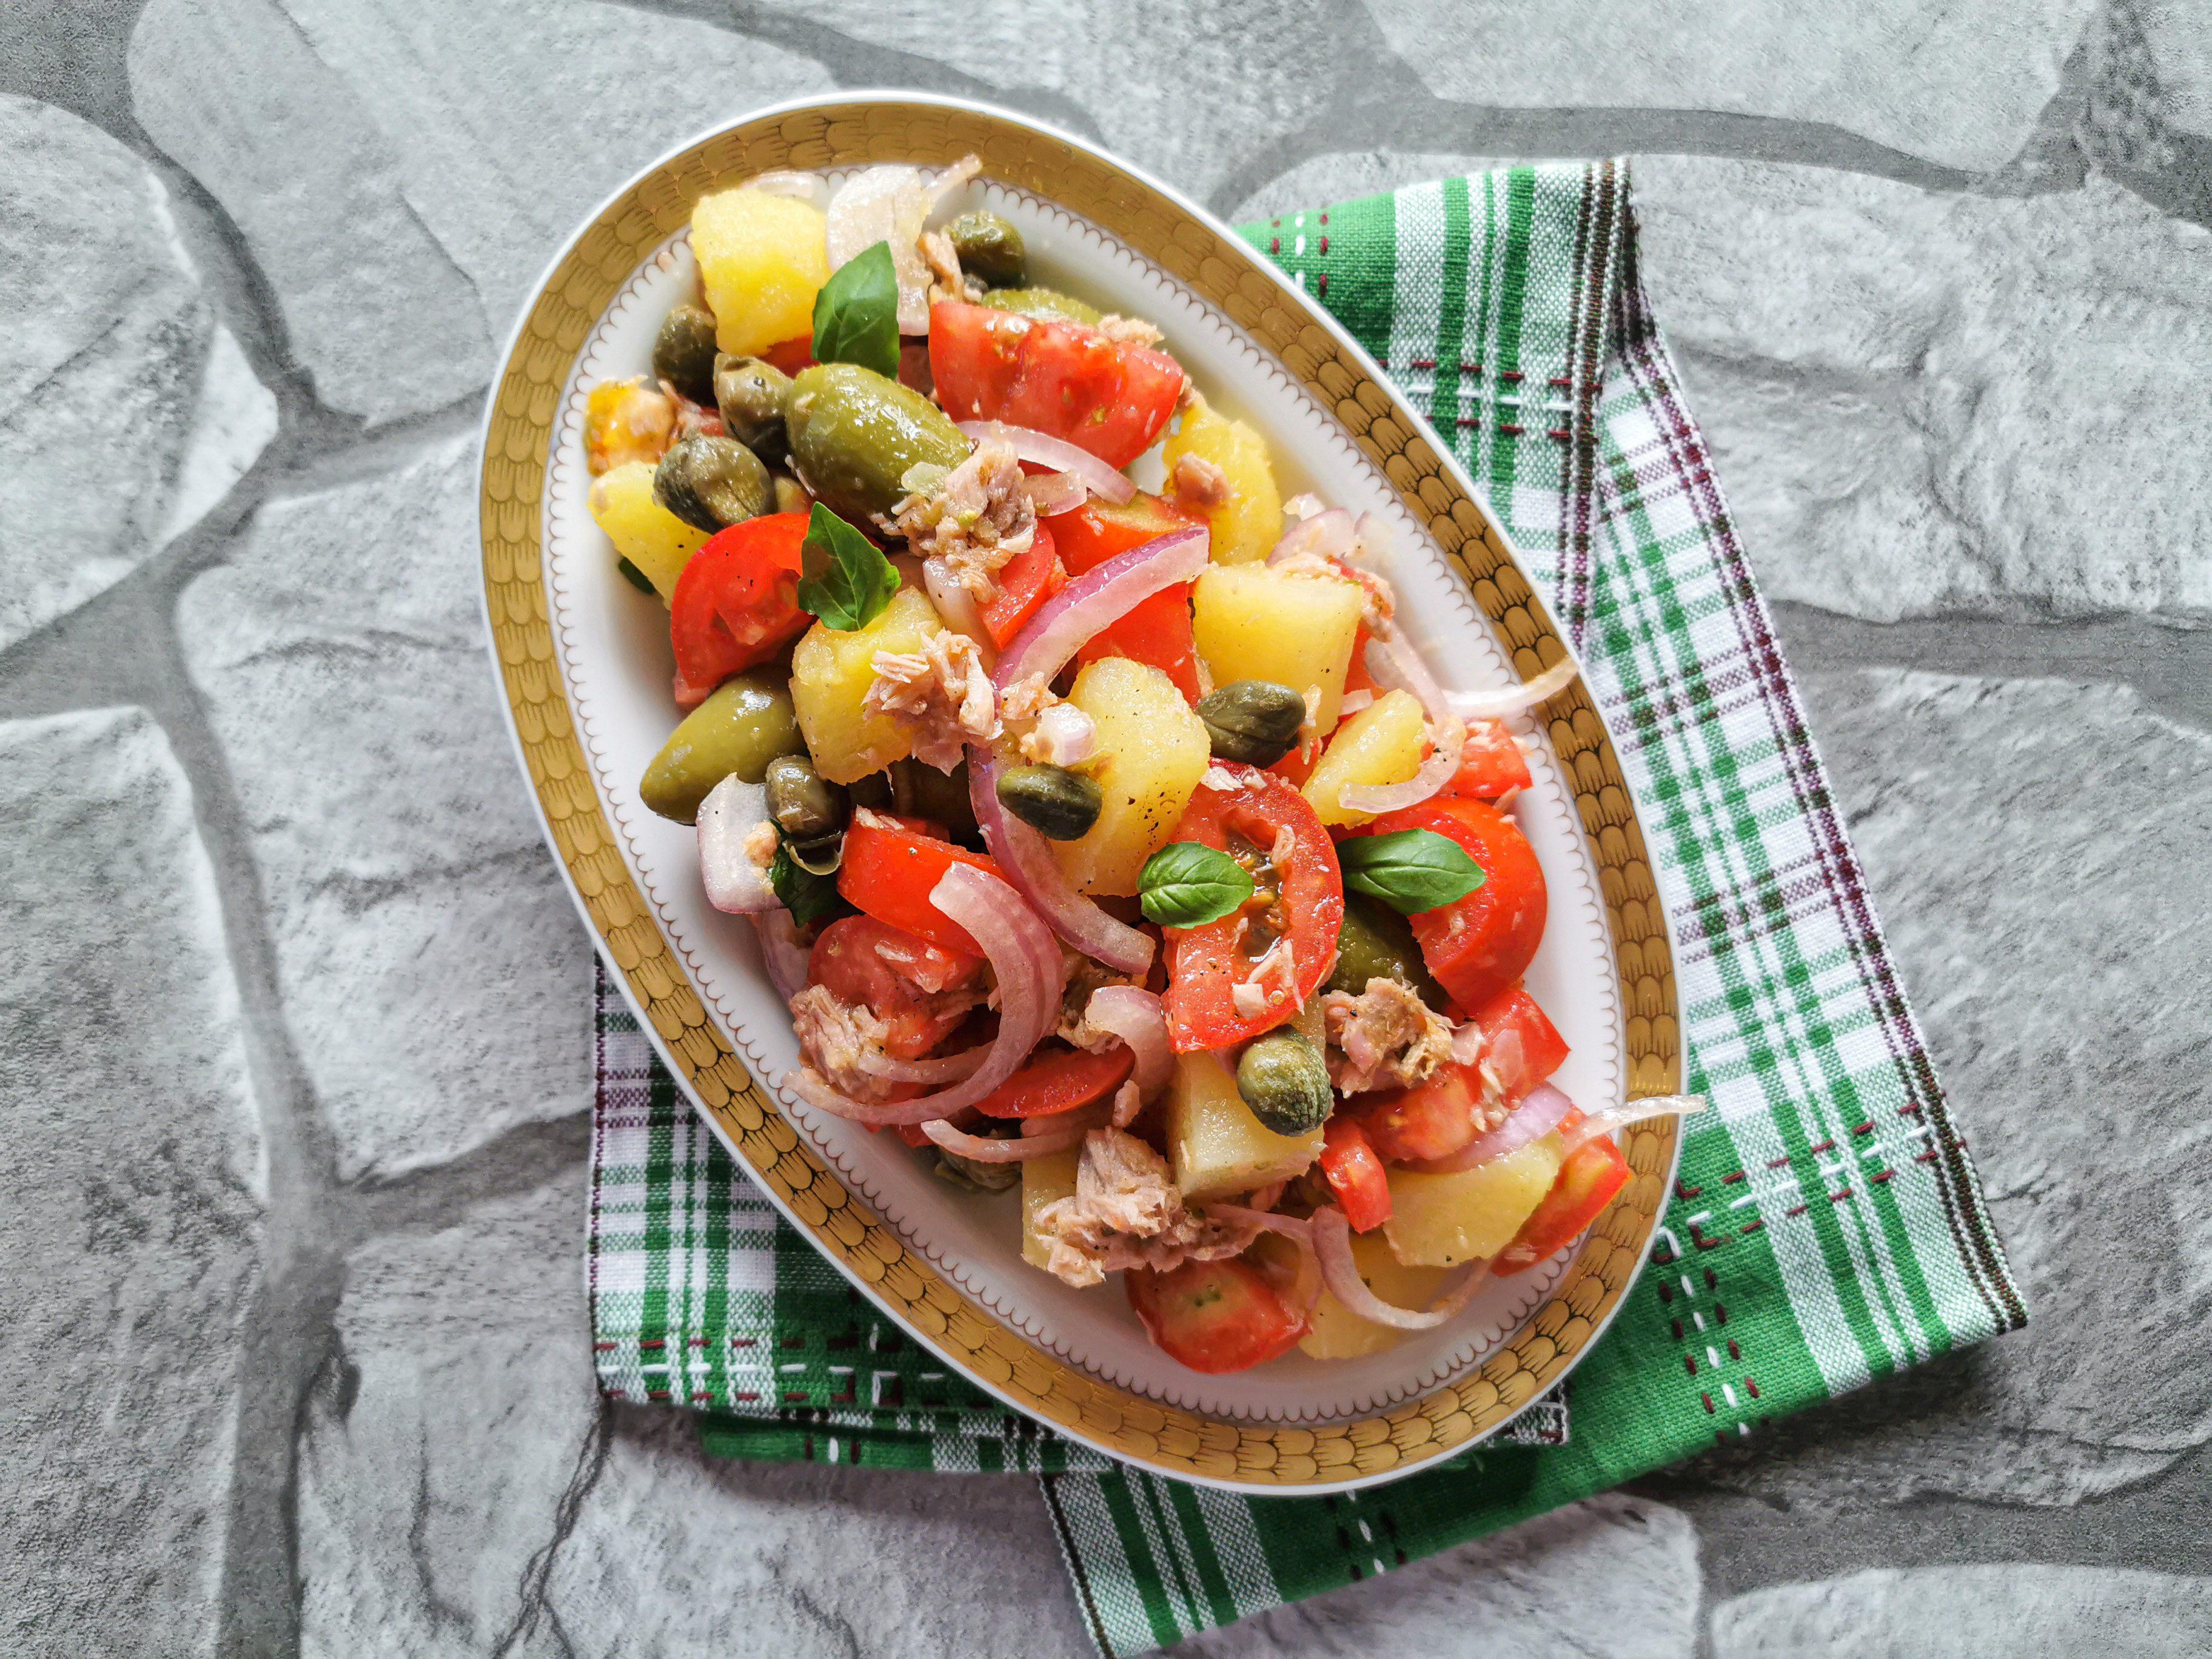 Insalata eoliana: la ricetta dell'insalata estiva siciliana